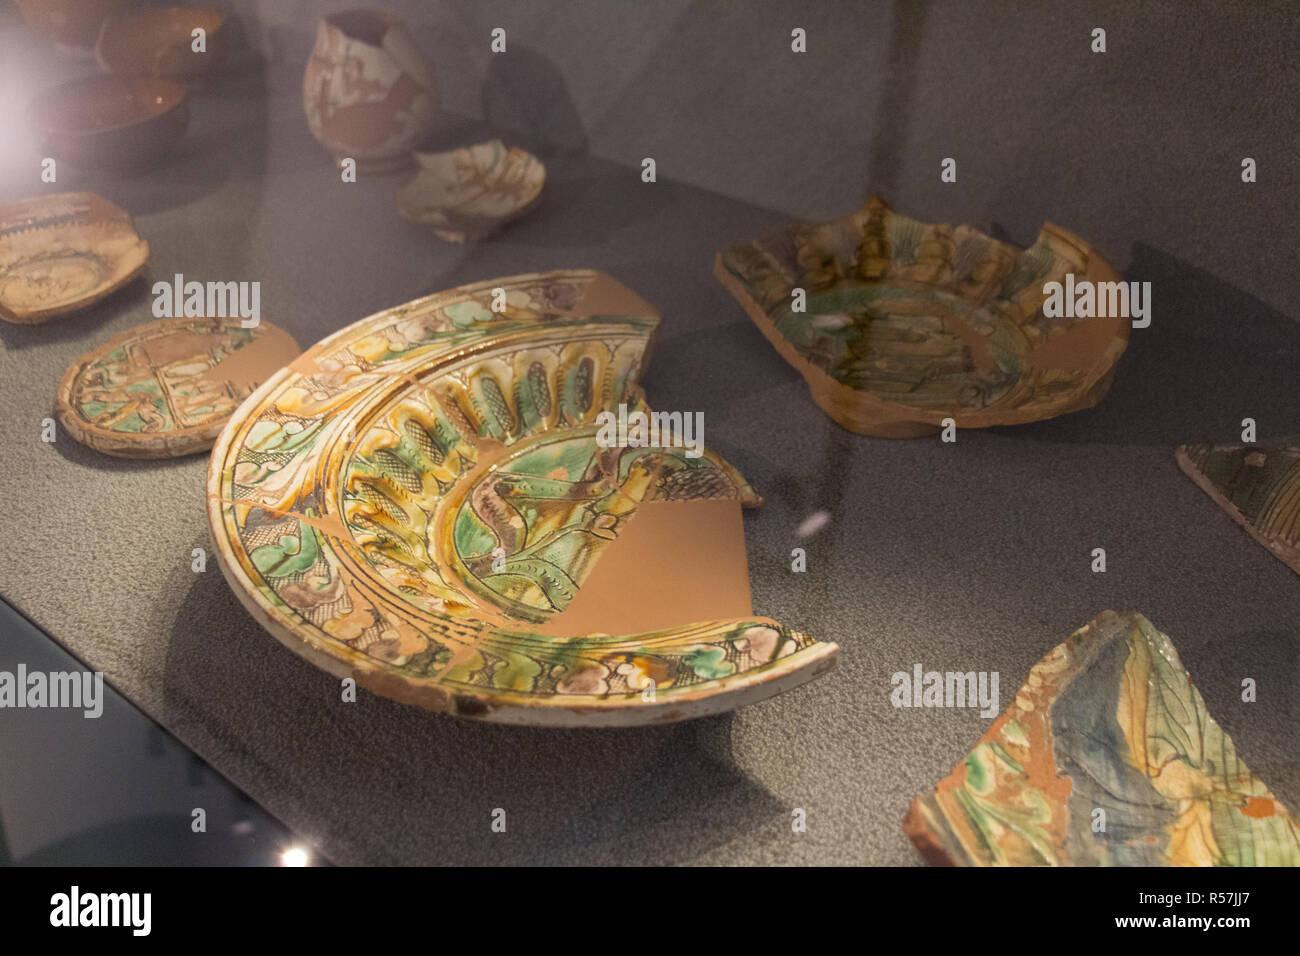 L'Italia, Brescia - 24 dicembre 2017: la vista di antichi oggetti di uso quotidiano nel Museo di Santa Giulia di Brescia, Lombardia, Italia. Immagini Stock